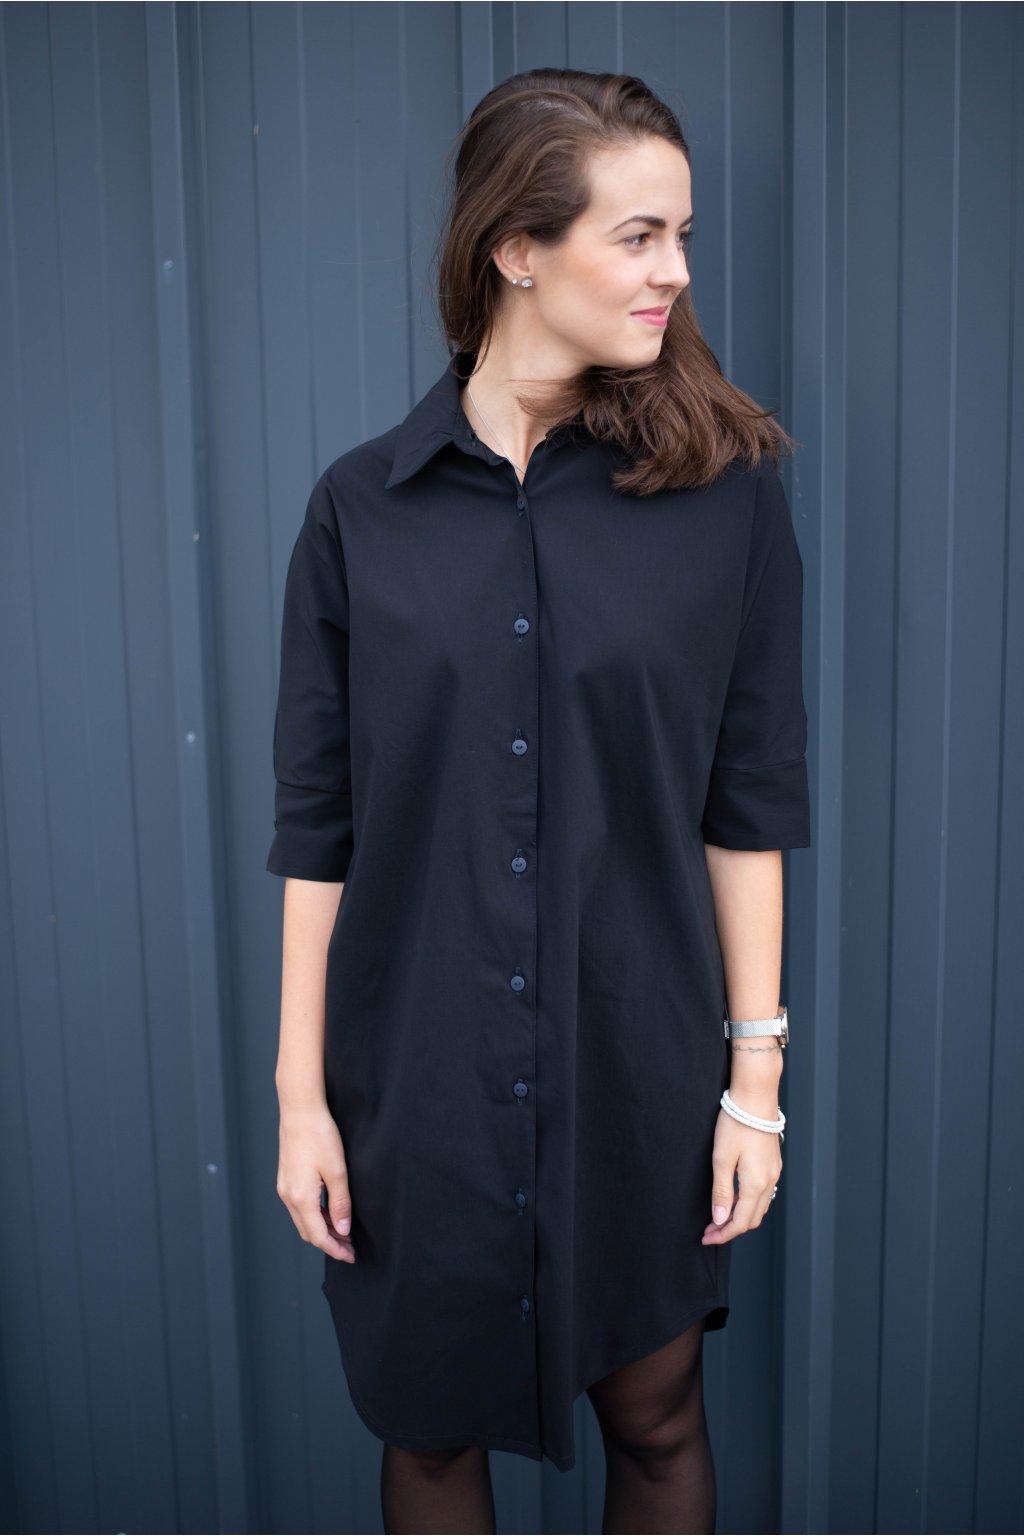 Košile Ebony Black Over